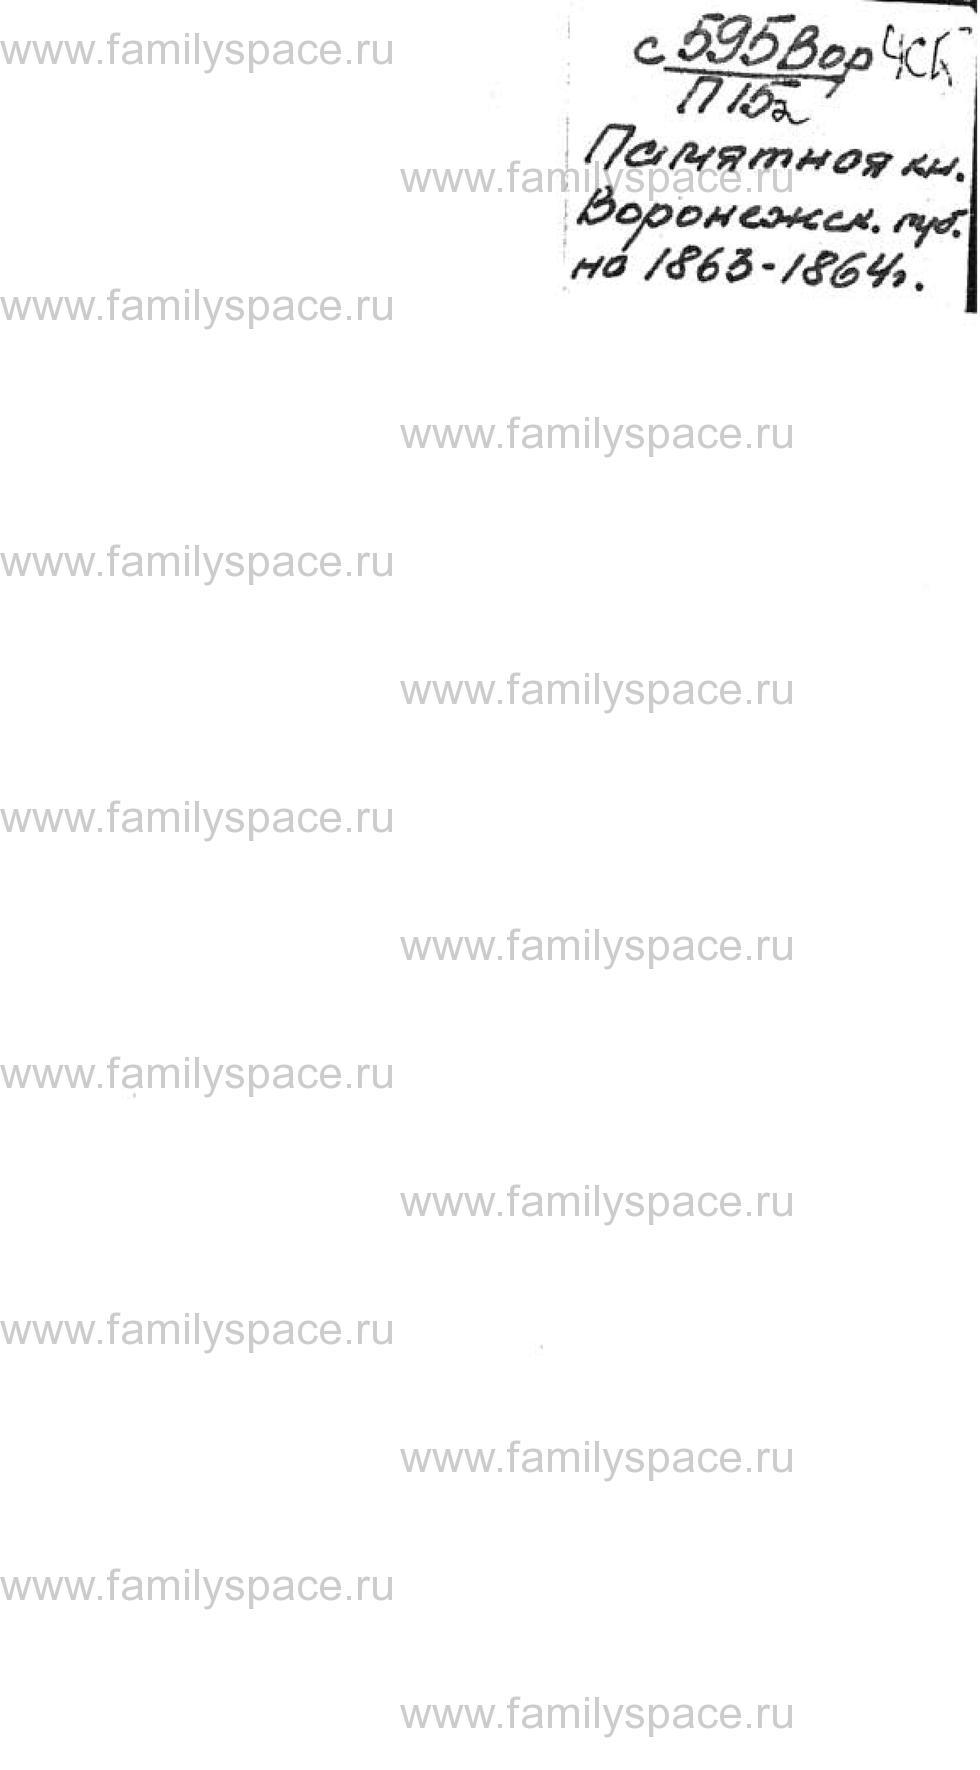 Поиск по фамилии - Памятная книжка Воронежской губернии на 1863-1864 годы, страница 240